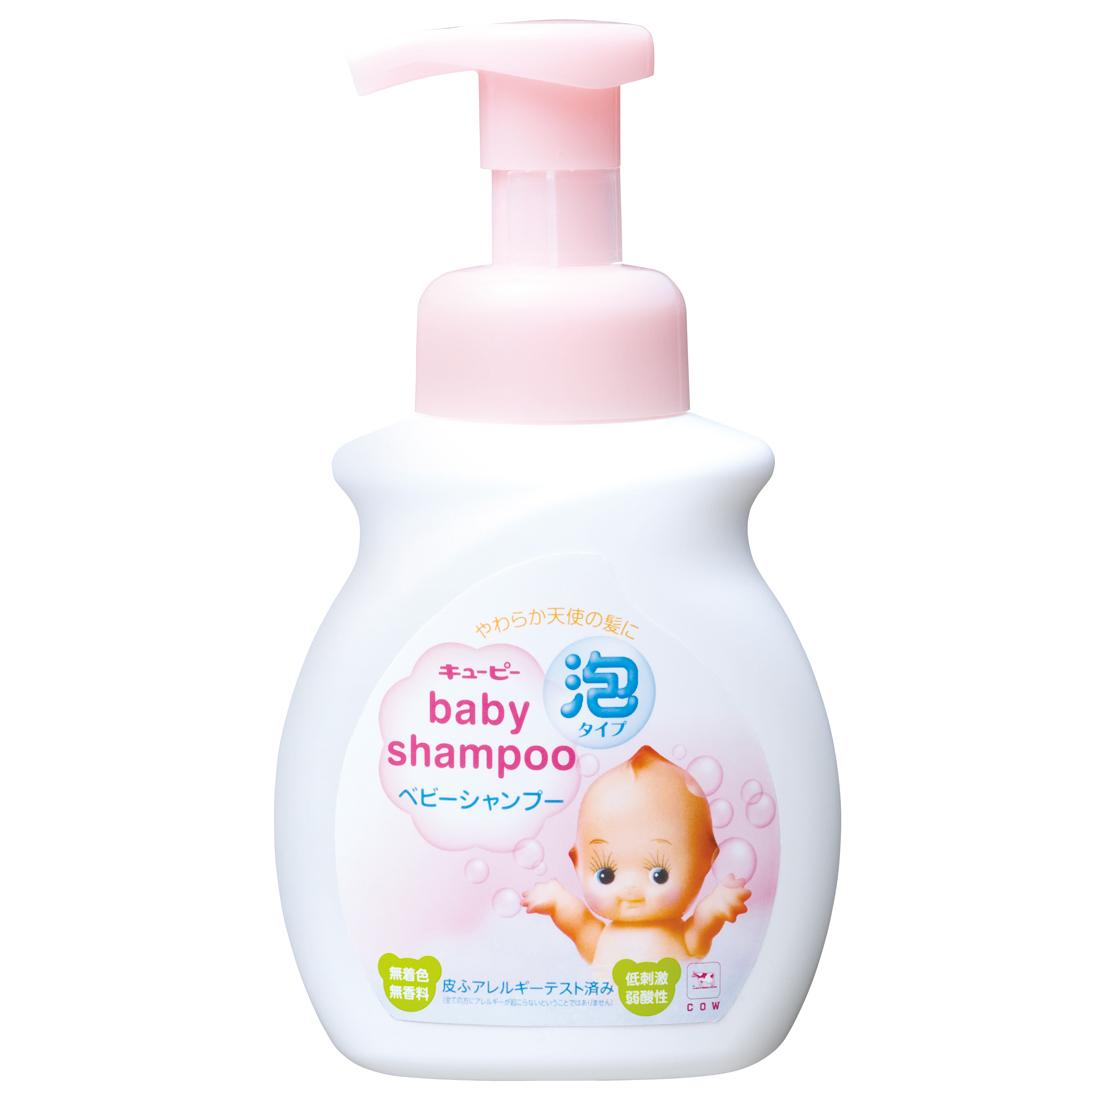 Cow Style Детский шампунь-пенка, с дозатором, от 0 месяцев, 350 млFS-36054Детский шампунь-пенка Cow Style с дозатором мягко очищает волосы и кожу головы ребенка. Рекомендуется для тонких, только начинающих расти волос малыша.Удобный дозатор создает мягкую пенку, освобождая от необходимости вспенивать средство на голове ребенка, что снижает нагрузку на волосы и кожу головы от трения, а также упрощает процесс мытья и экономит время родителей. Умная формула без слез работает так, что пена не затекает в глаза ребенку, но даже при попадании не раздражает слизистую.Упругая мелкозернистая пена мягко удаляет загрязнения, не вымывая естественный защитный жировой слой кожи. Легко смывается.Природный сквалан, смягчающий и защищающий кожу, поддерживает гидробаланс.Также, шампунь содержит кондиционирующие растительные компоненты, предотвращающие спутывание волос.При использовании других сменных блоков продукт может не пениться.Низкая кислотность, отсутствие красителей, а также многочисленные тесты на предмет кожных аллергенов позволили свести к минимуму риск возникновения раздражений на коже малыша.Продукция прошла дерматологические тесты на предмет кожных аллергенов.Товар сертифицирован.История широко известной на японском рынке марки COW начинается в 1909 году, когда частный предприниматель Миядзаки Нарадзиро основывает в мыльной столице Японии того периода - городе Осака - свой маленький семейный бизнес по производству мыла. Сегодня компания COW имеет не только собственный современный завод, считающийся самым крупным мыльным заводом в Японии, но и собственный Научно-исследовательский центр, несколько филиалов по Японии и Представительств в Азии. В портфеле производителя средства для ухода за телом и лицом для детей и взрослых. Все товары марки COW производятся под строгим контролем специалистов компании, не изменяя своим принципам – качественная и безопасная продукция, традиционное производство, высококвалифицированные специалисты.